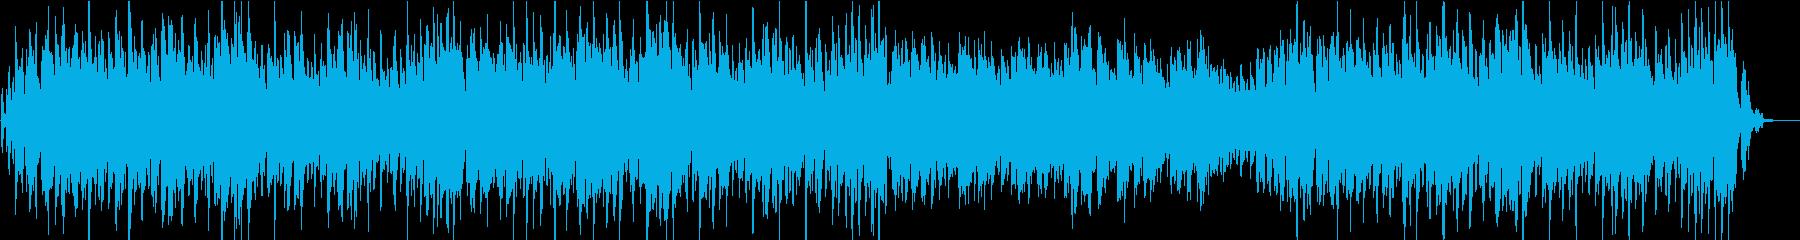 キャッチーなメロのハウス調ポップジングルの再生済みの波形